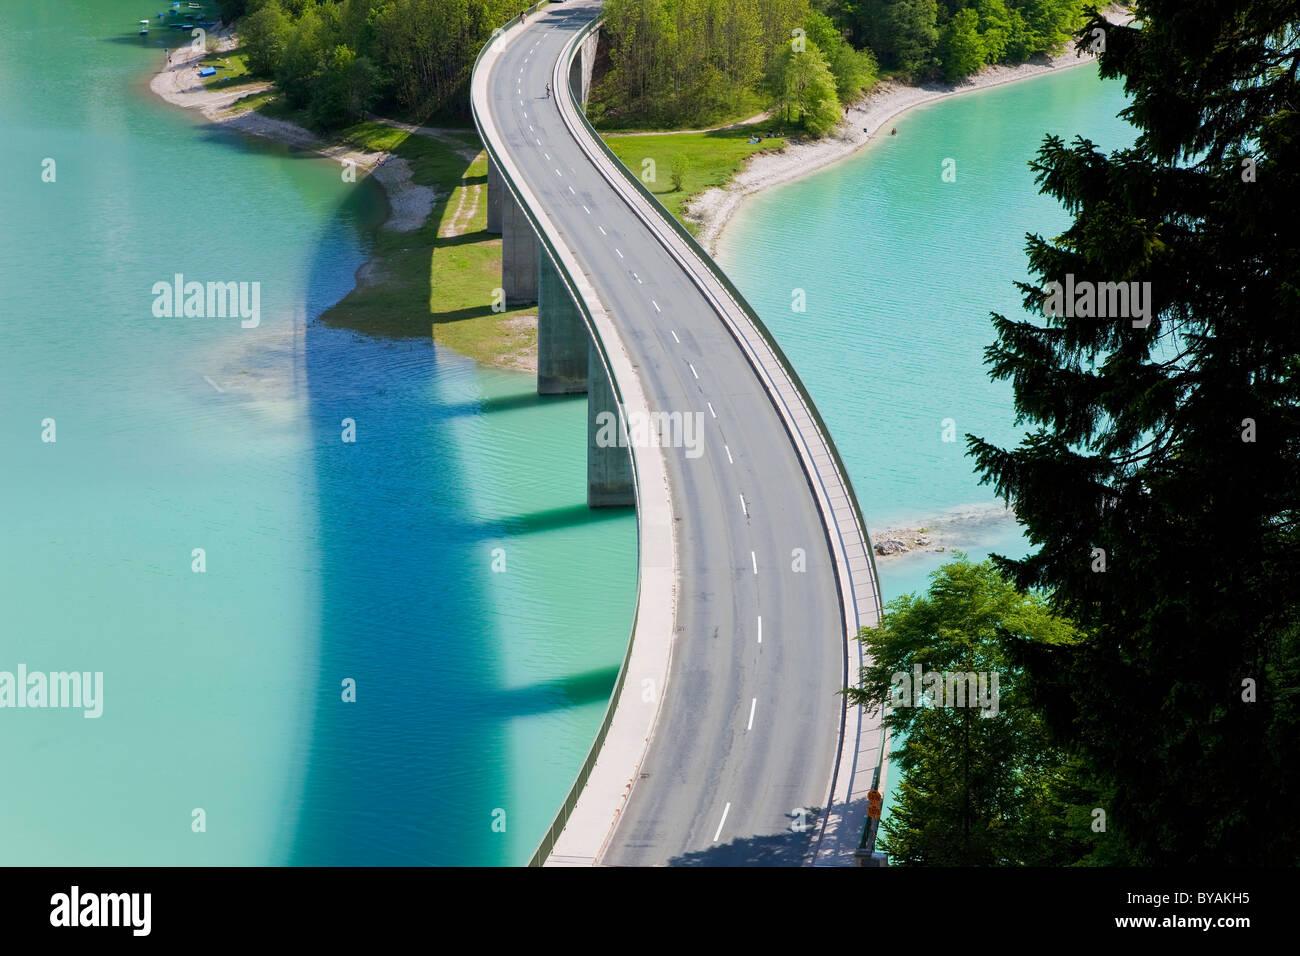 Sylvensteinspeicher See und Brücke Allgäu Bayern Deutschland Stockbild